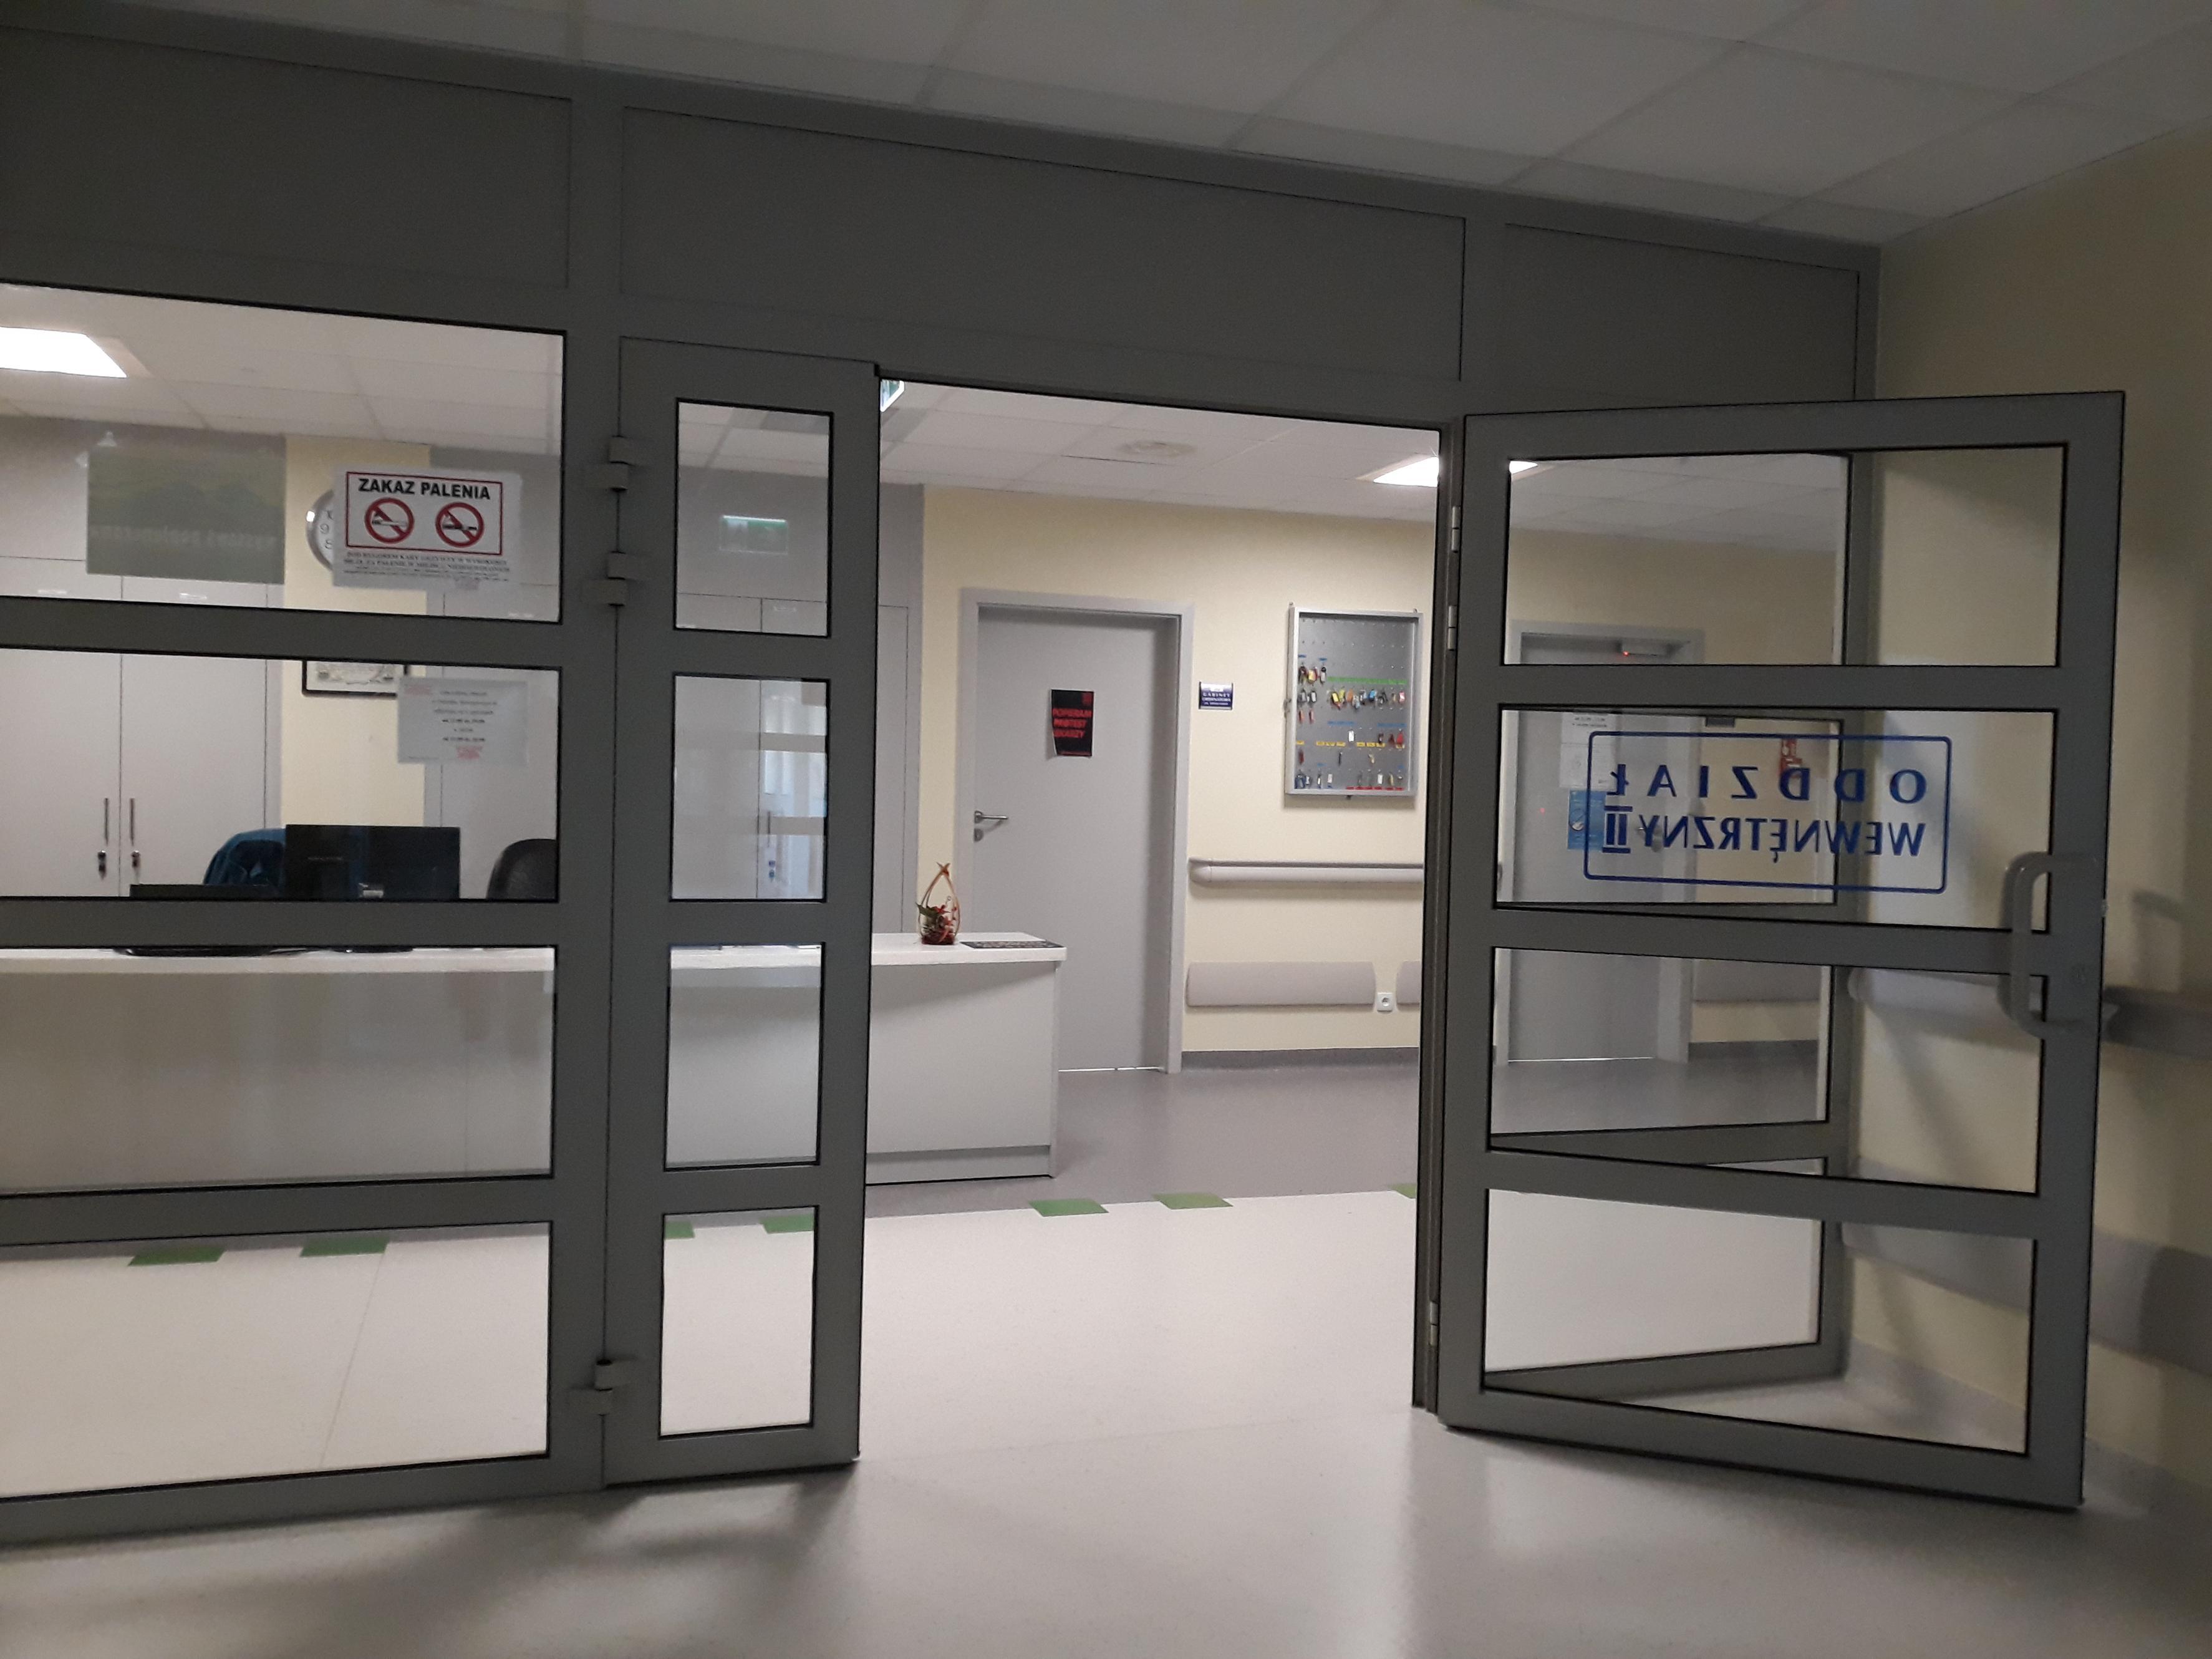 Radny wbił 'szpilę' tym, którzy zachwycają się sytuacją w powiatowym szpitalu